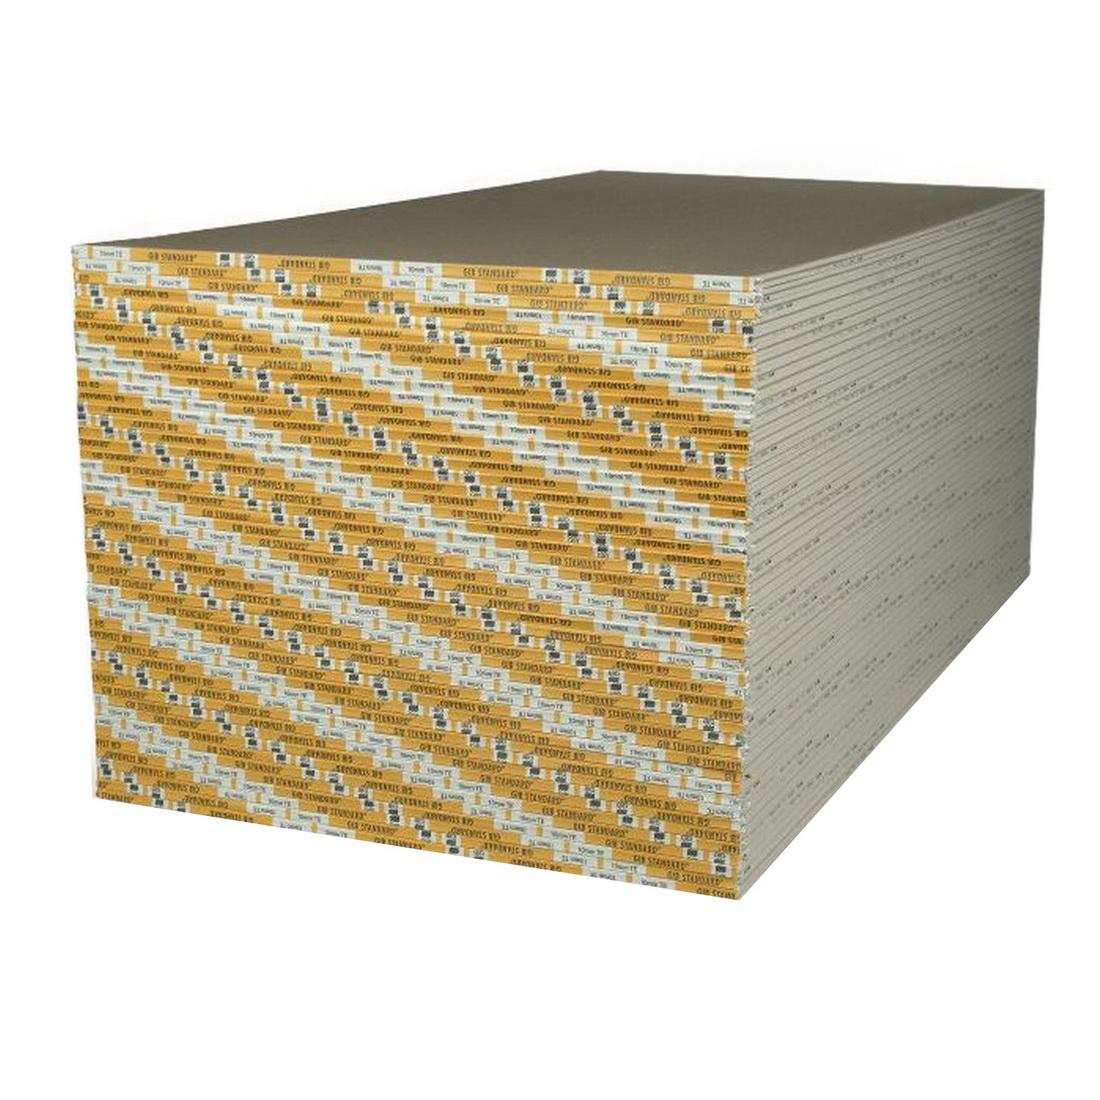 Standard Wallboard 2400 x 1200 x 10mm Taper Edge/Square Edge